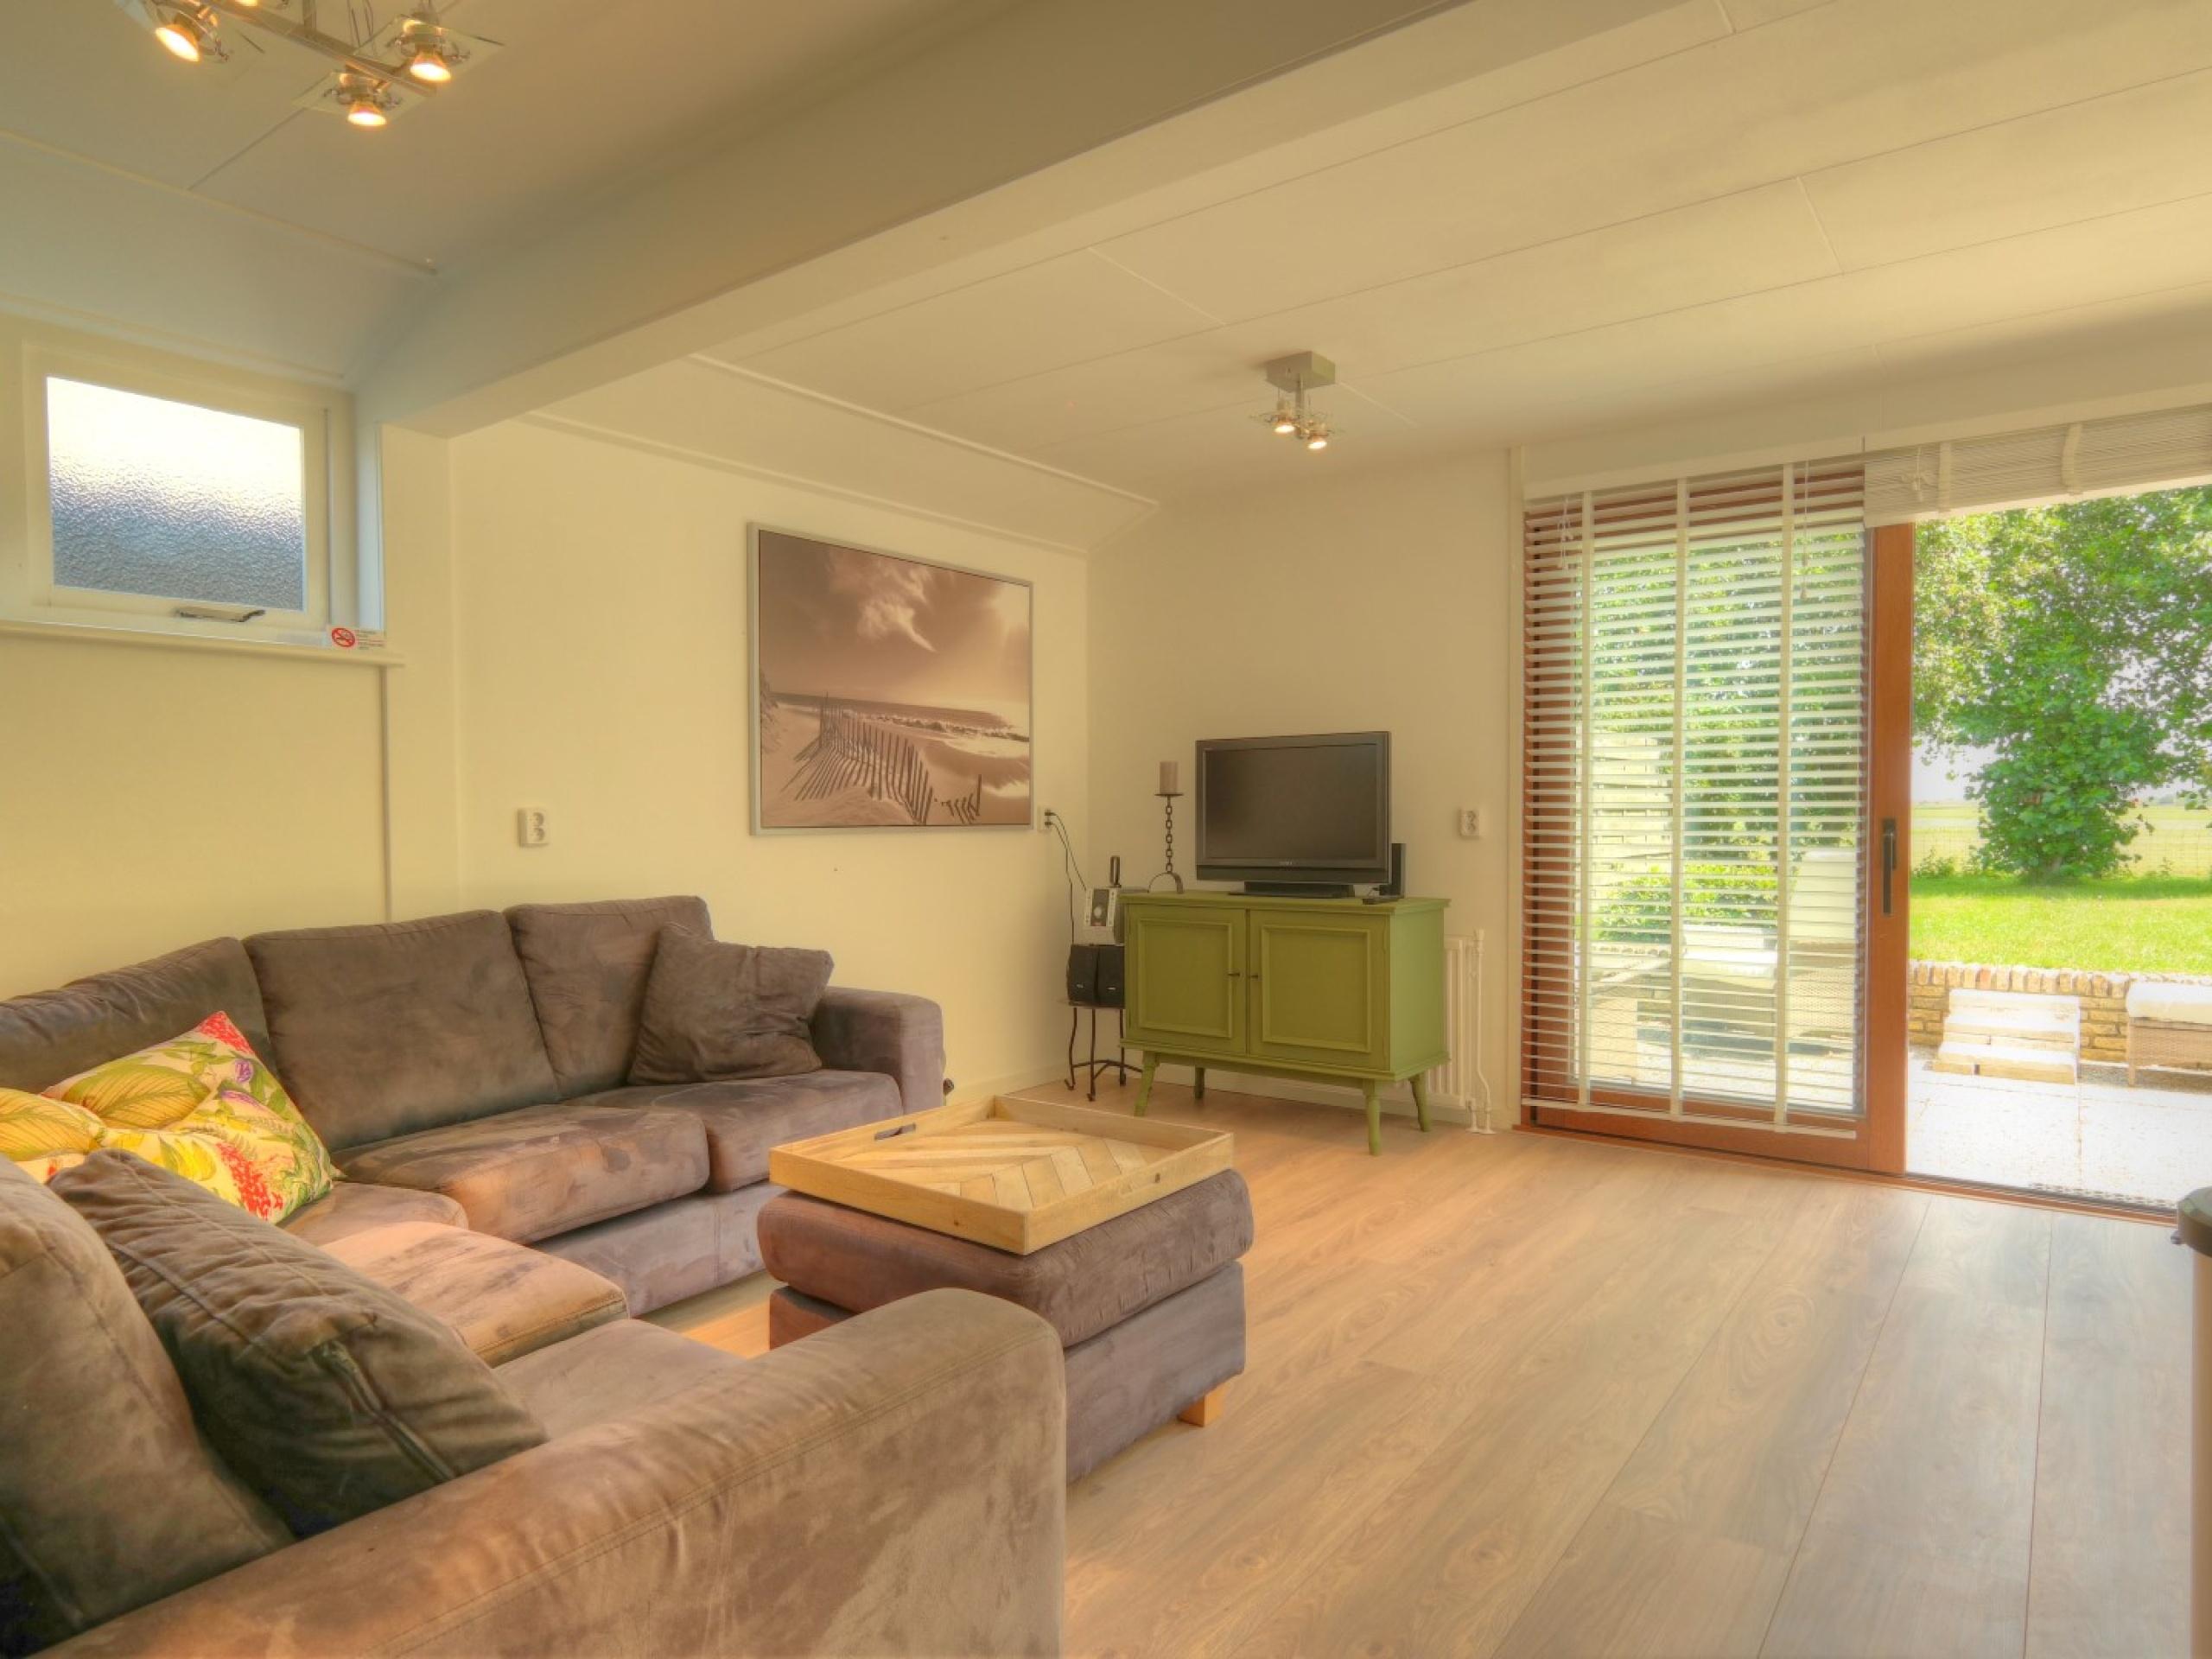 Komfortables freistehendes Ferienhaus mit umzäuntem Garten in wunderschöne Lage bei Den Hoorn